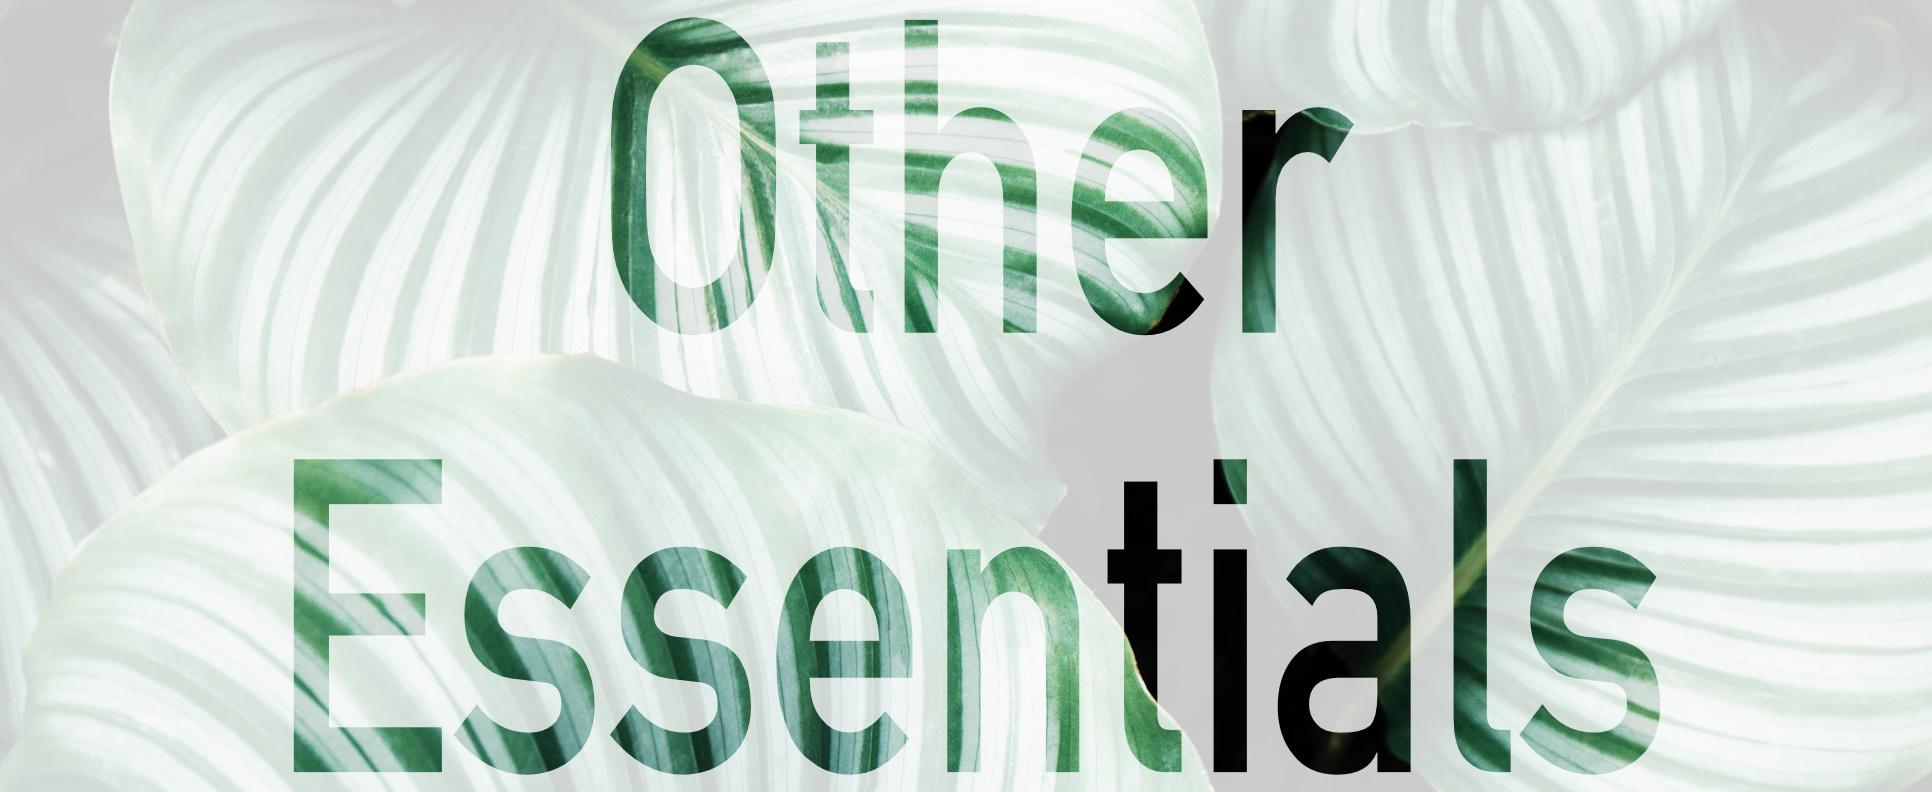 Other Essentials